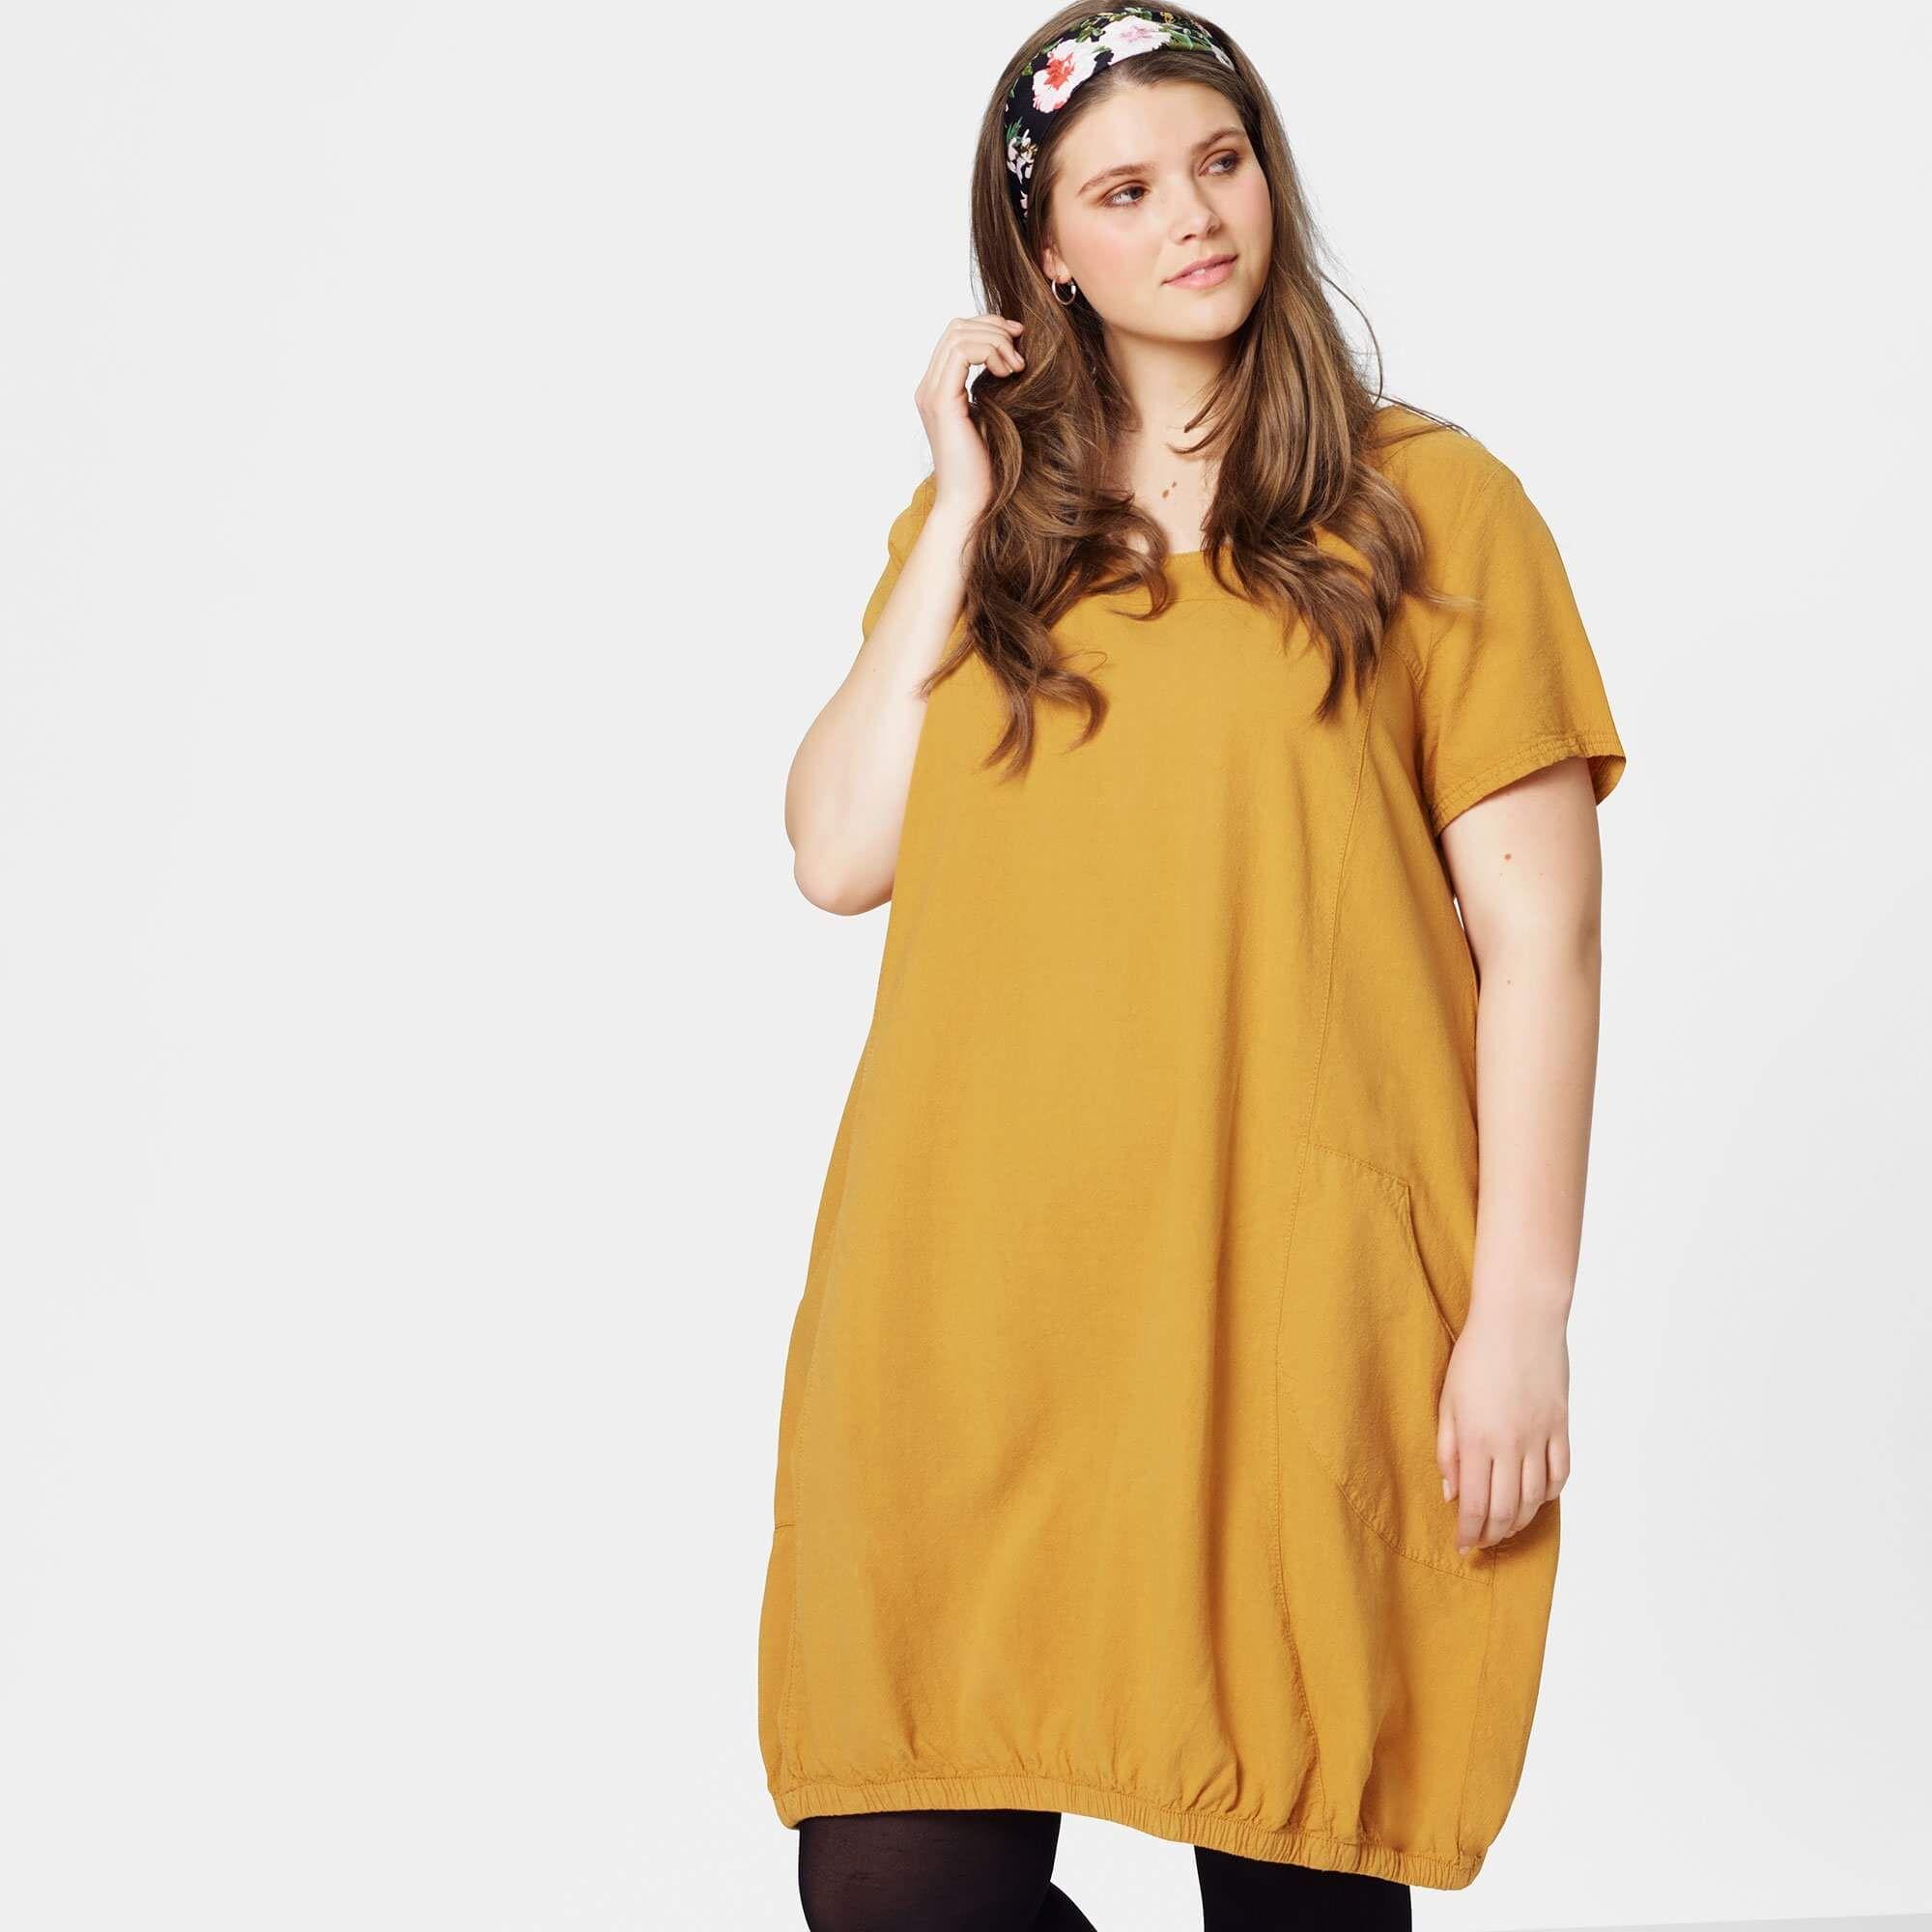 eb5ee1ee3aa8 Smart karry-gul kjole med god pasform og elastik i bunden.Stoffet er  fremstillet